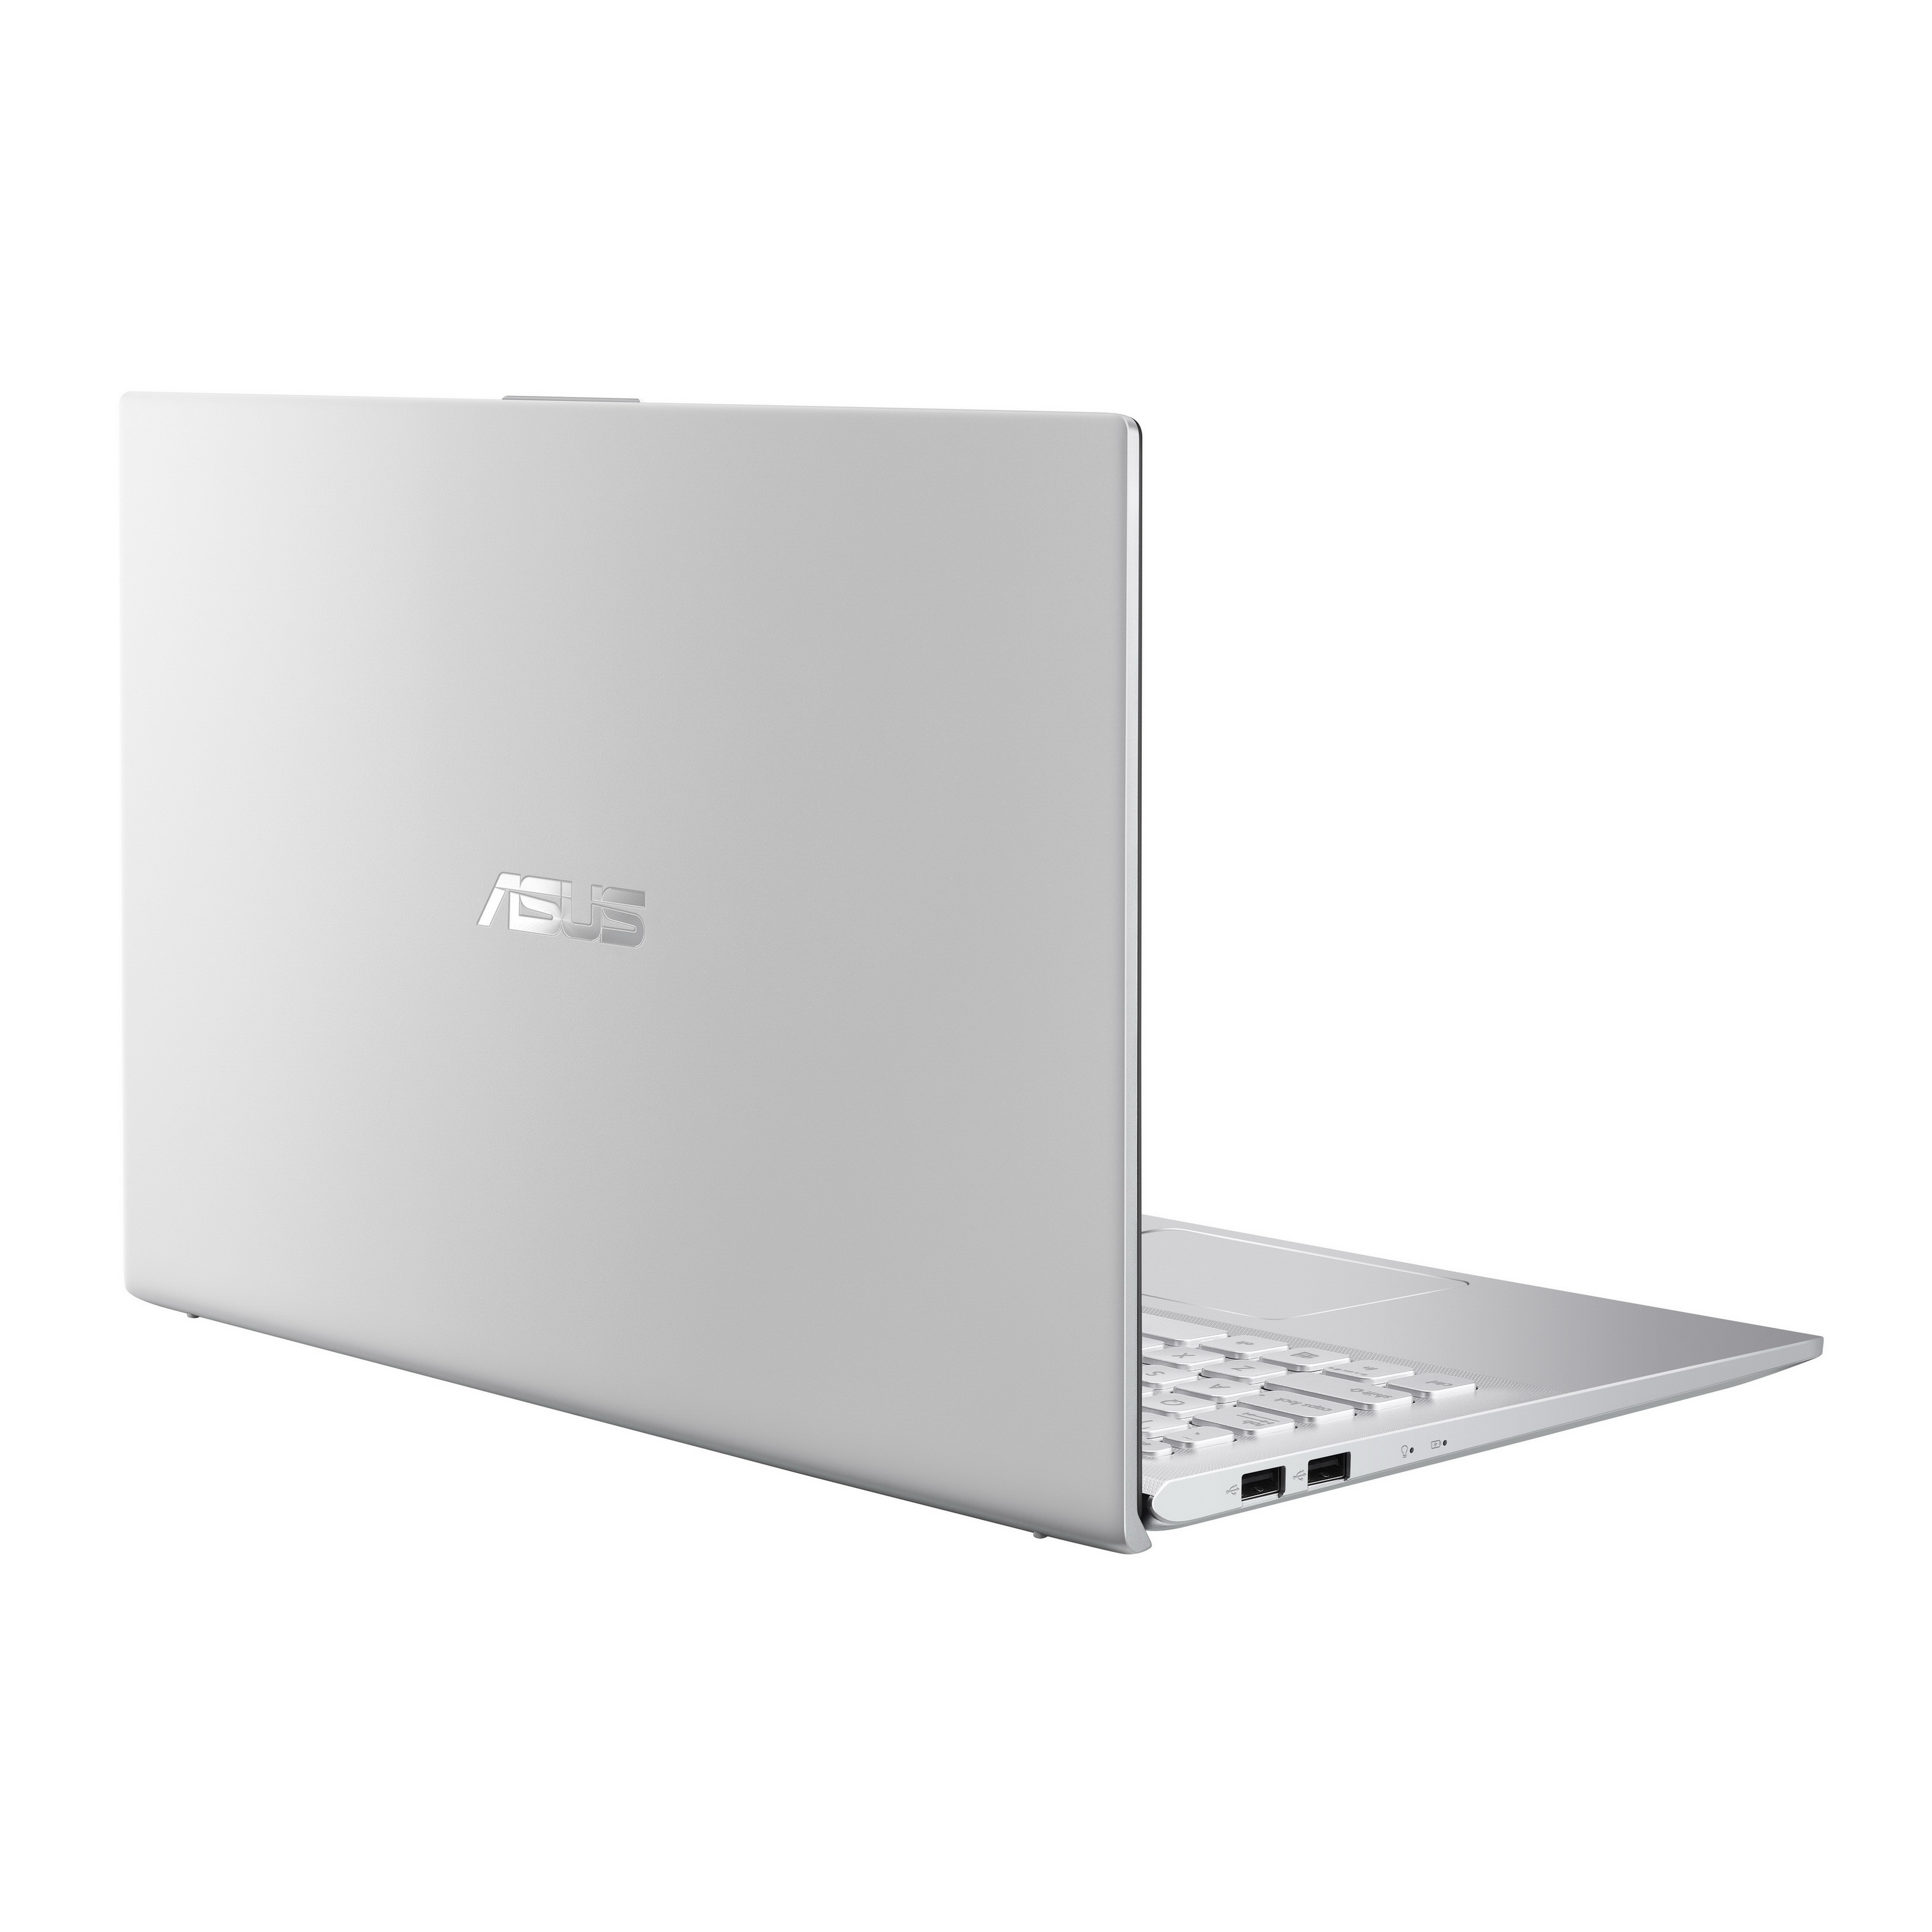 Prenosni računalnik ASUS X512DA-EJ121T 15,6